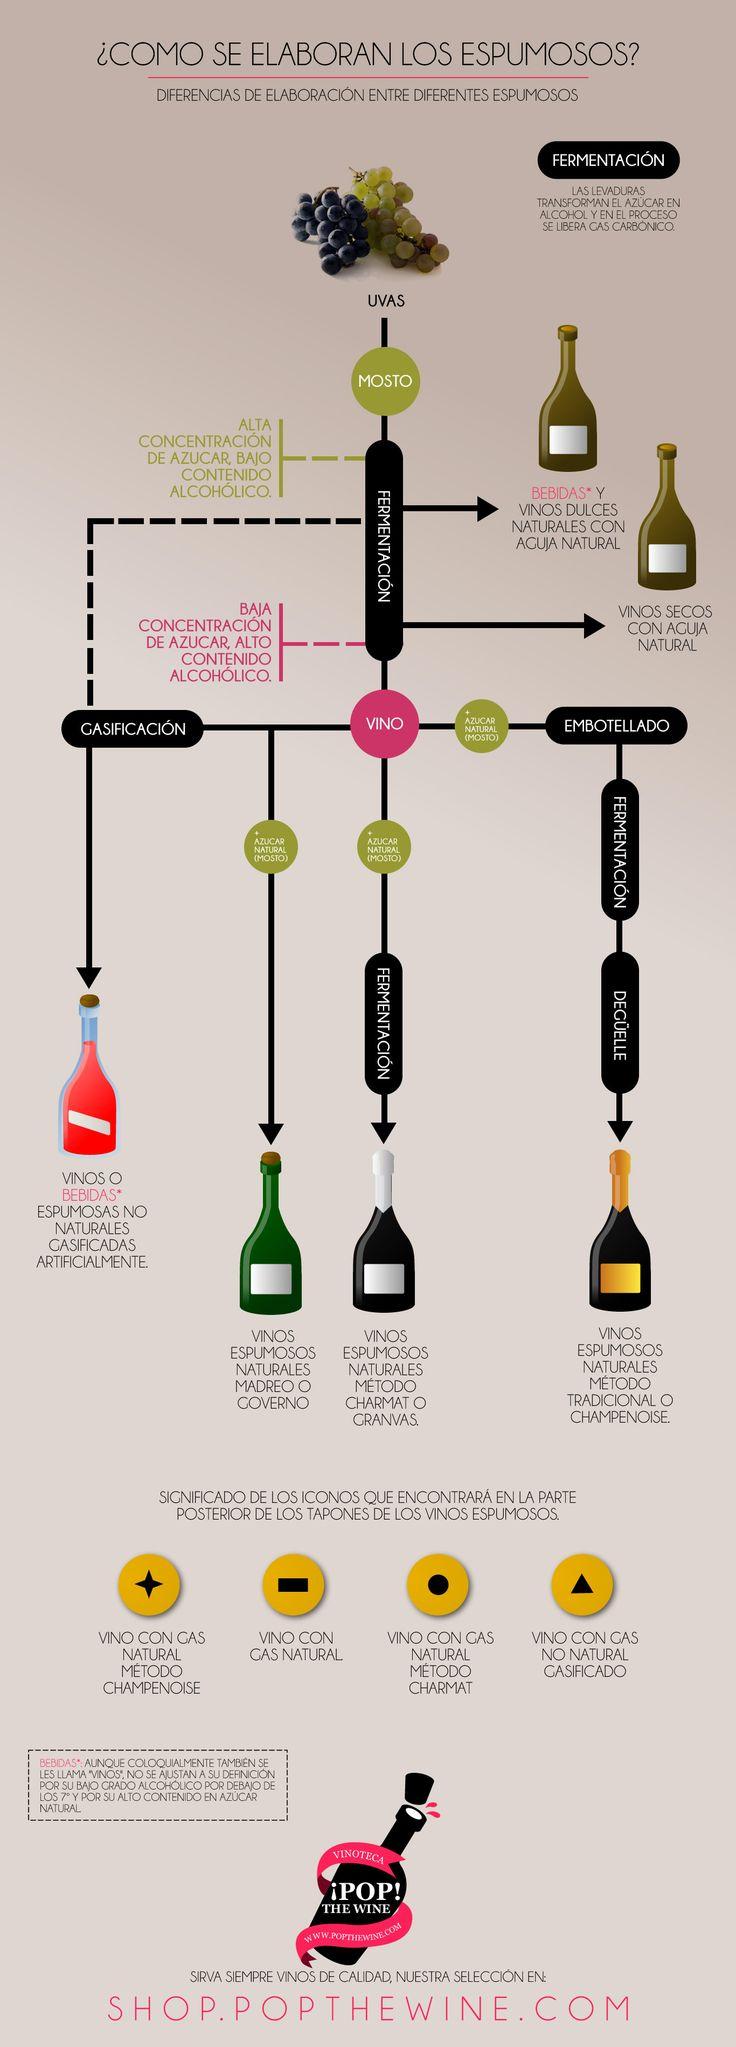 Una pequeña guía para entender los diferentes vinos espumosos que podremos encontrar en el mercado.